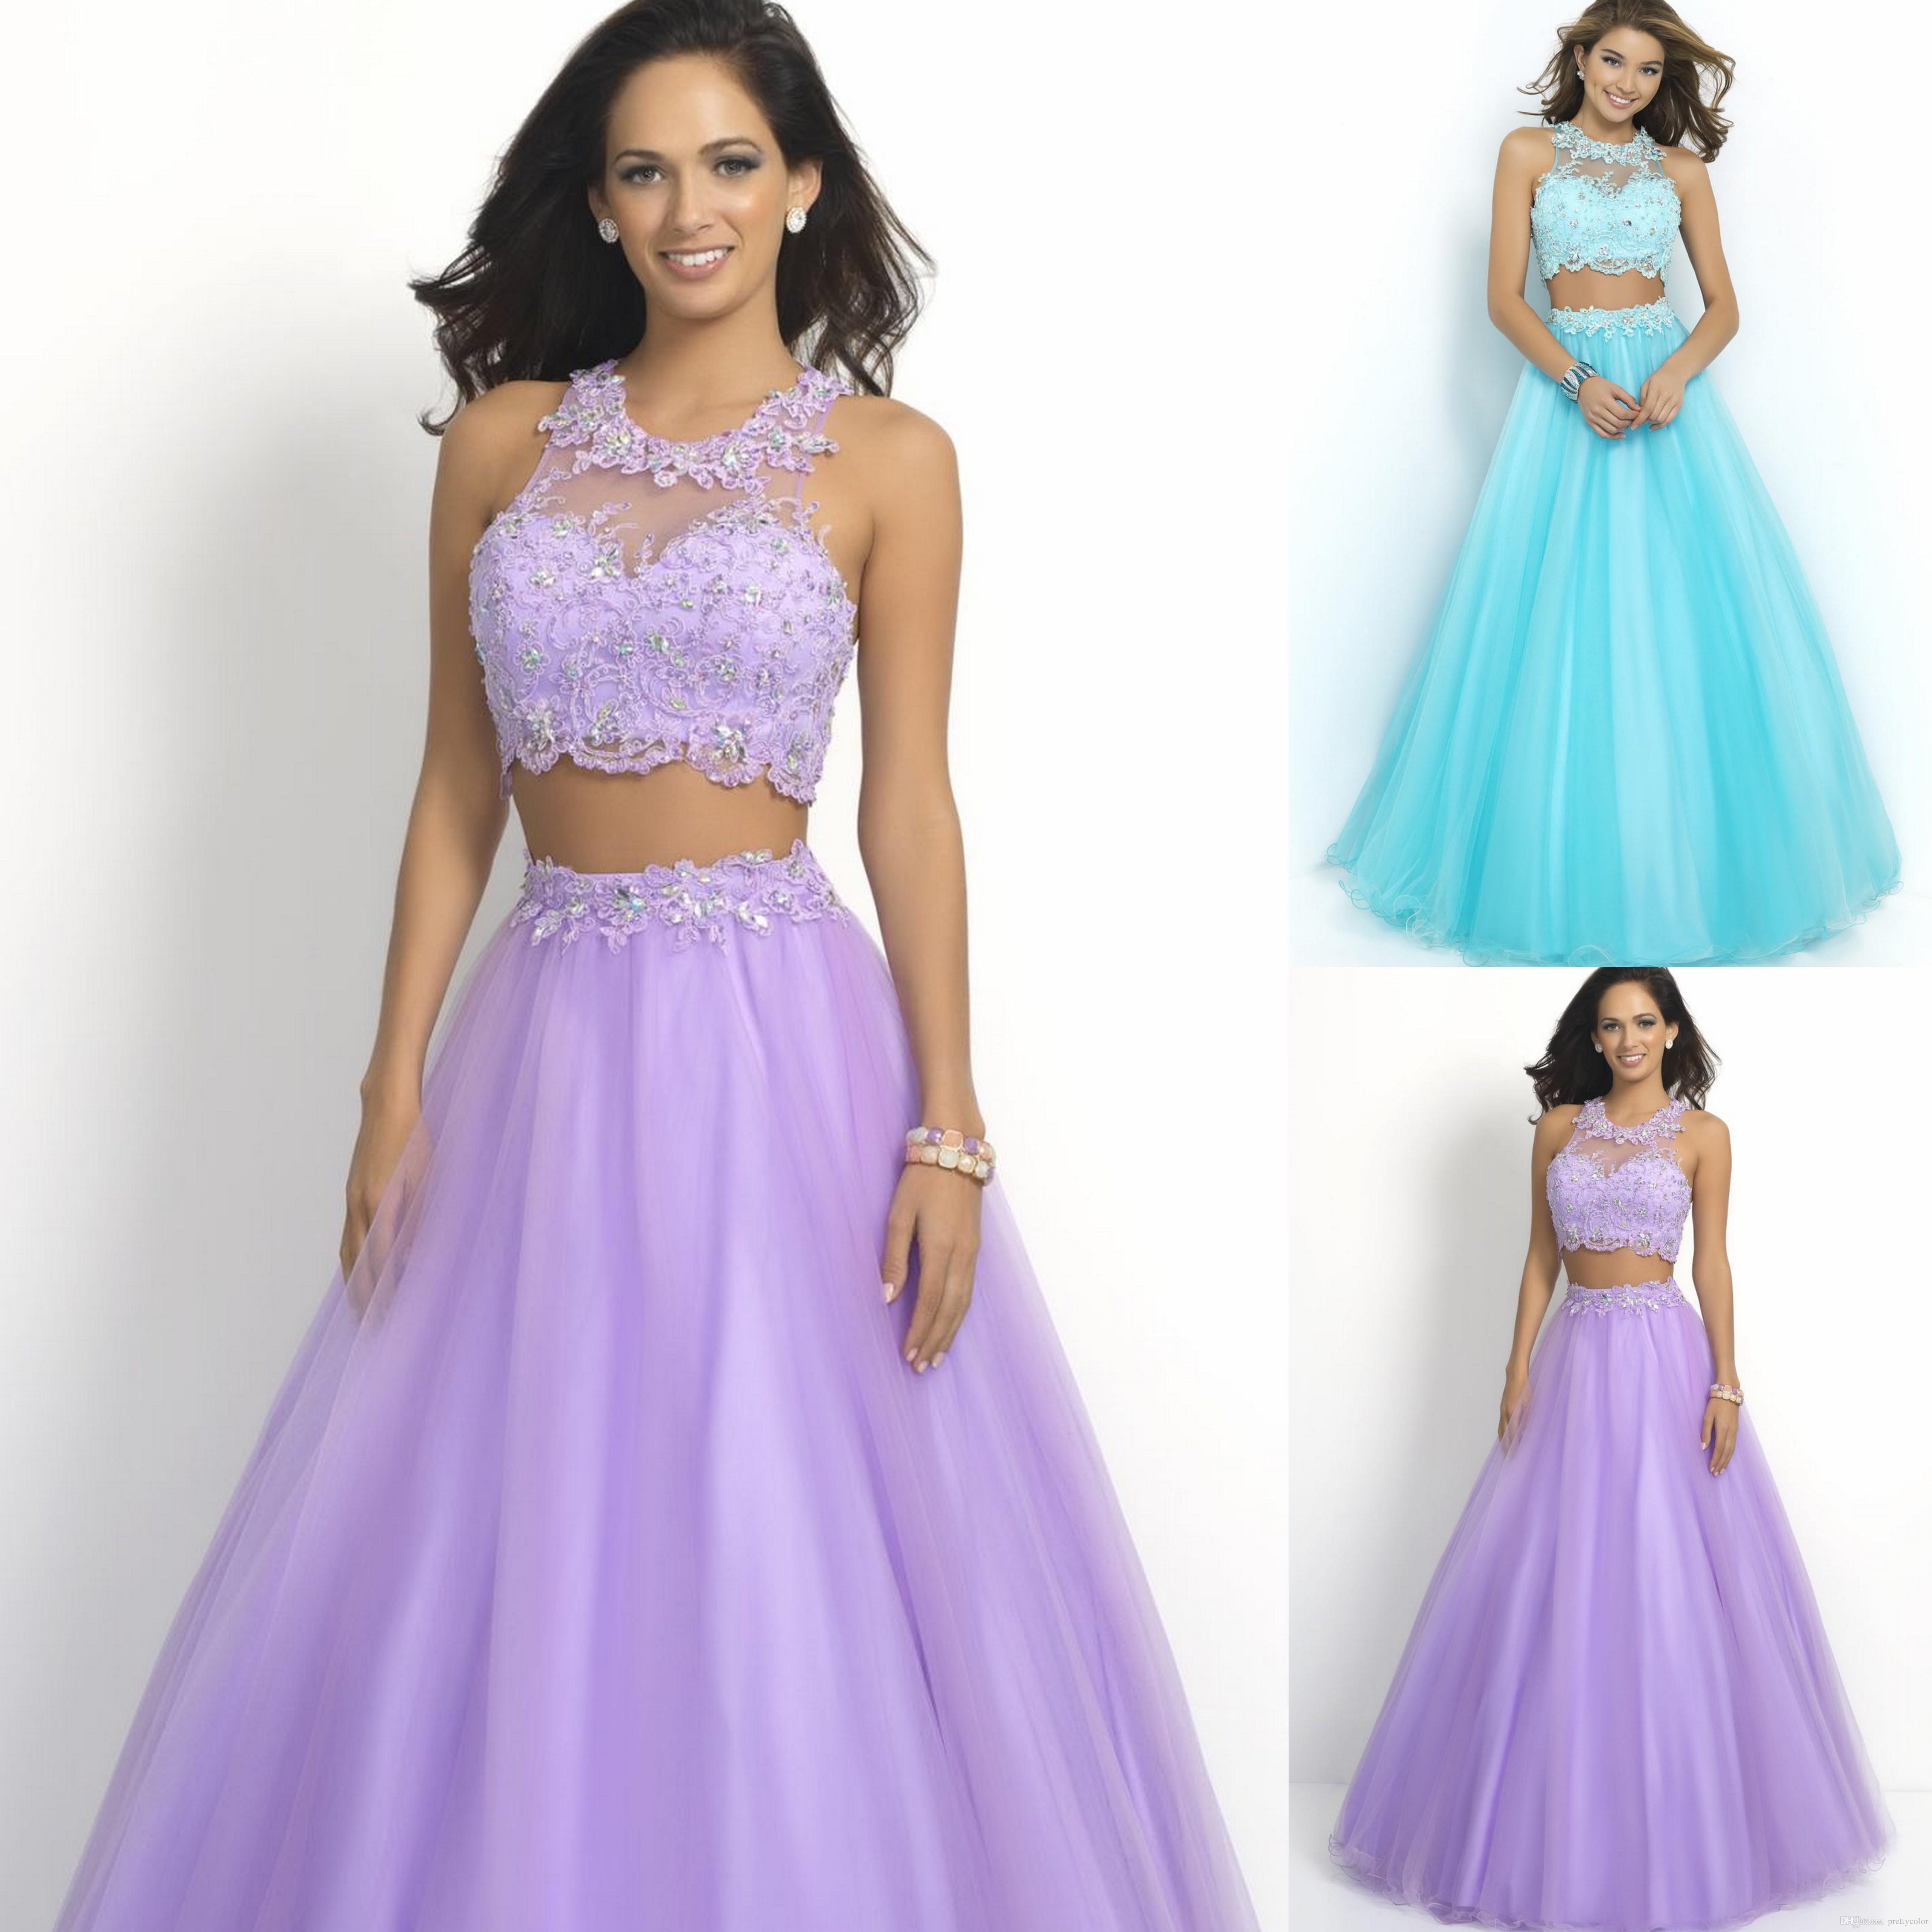 Famoso Zara Prom Dresses Colección - Colección del Vestido de la ...